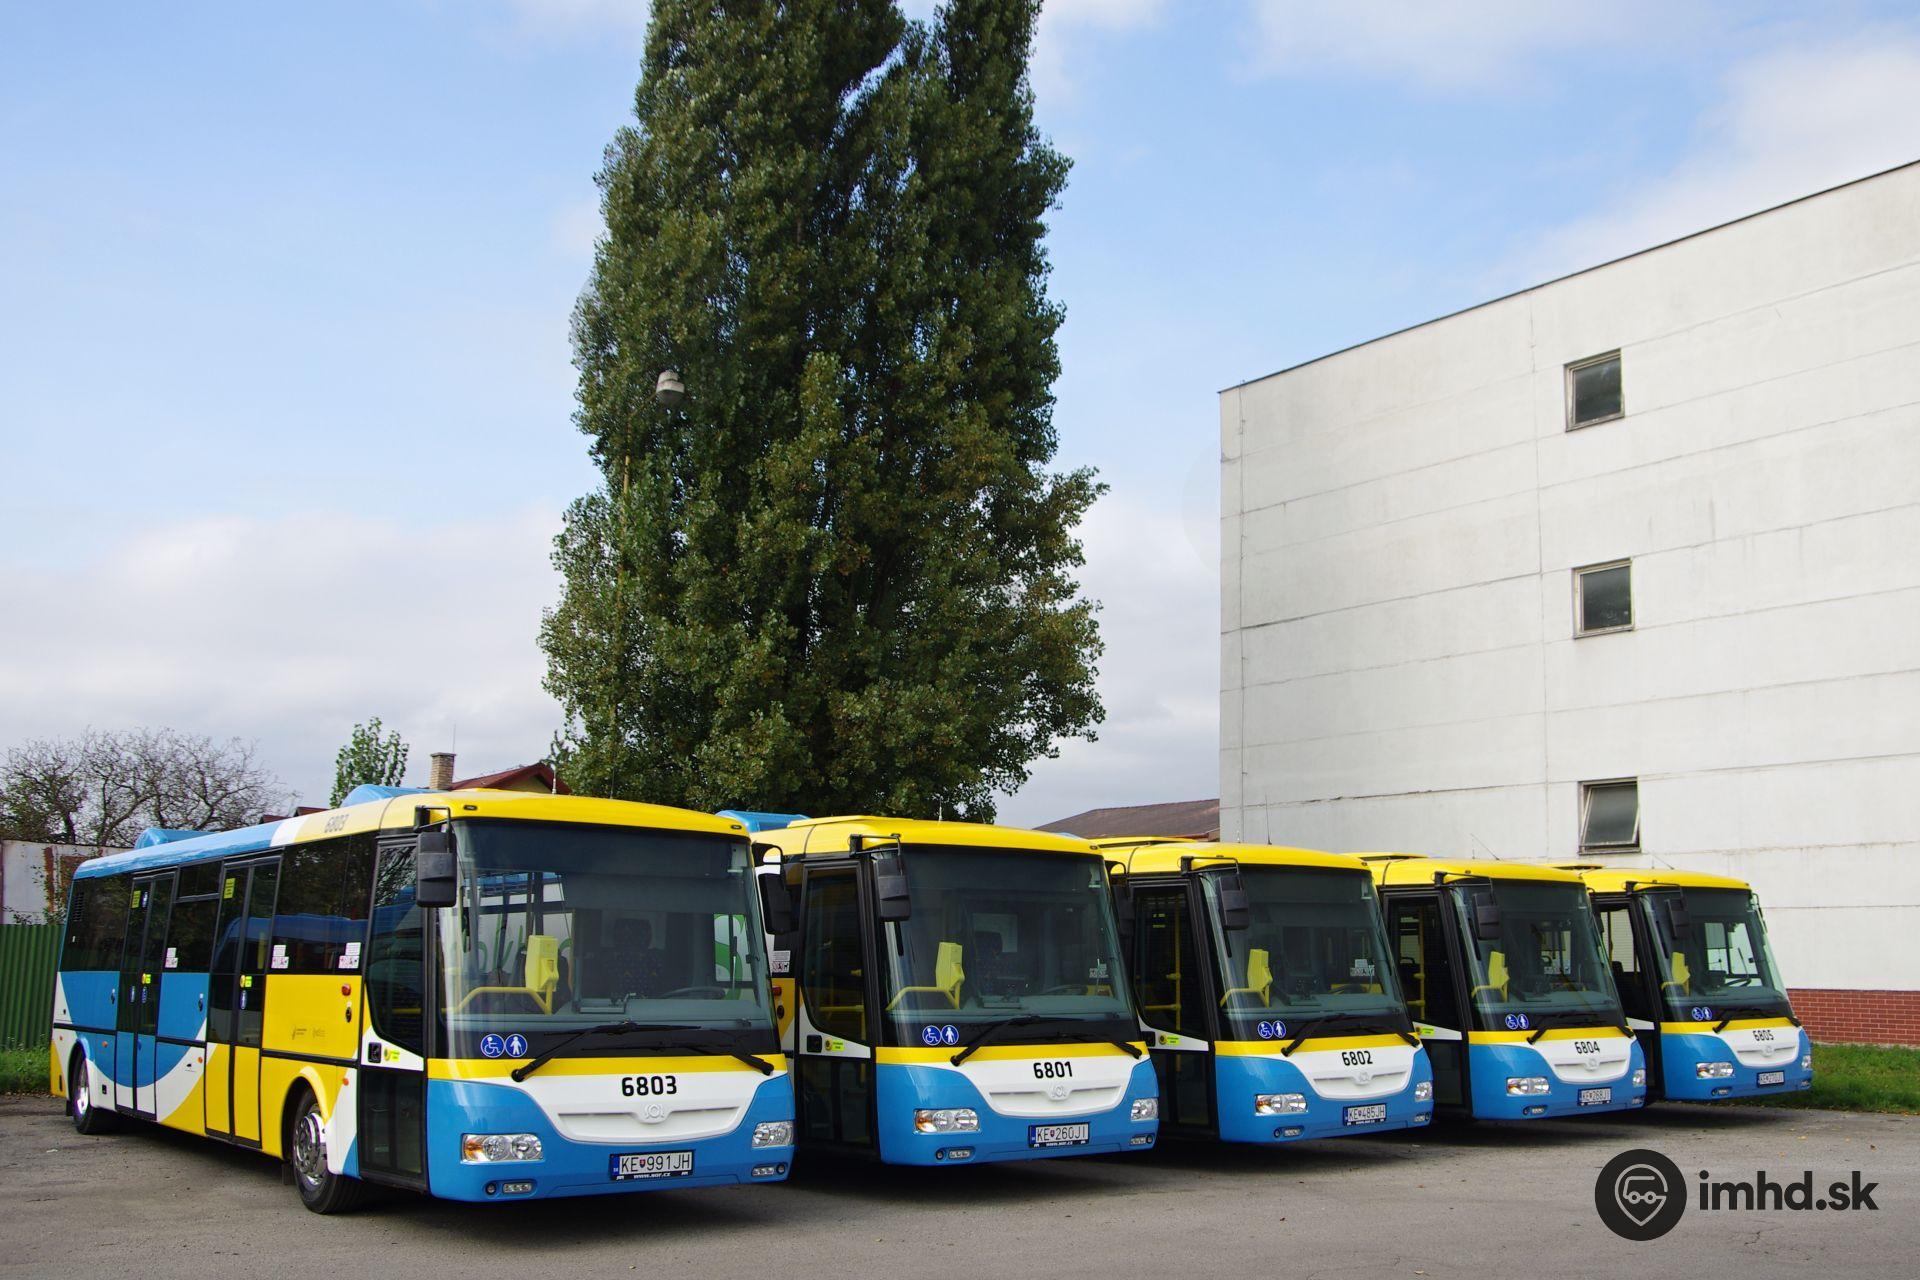 9ece08abd Európsky týždeň mobility (16. - 22.9.2017) • imhd.sk Košice